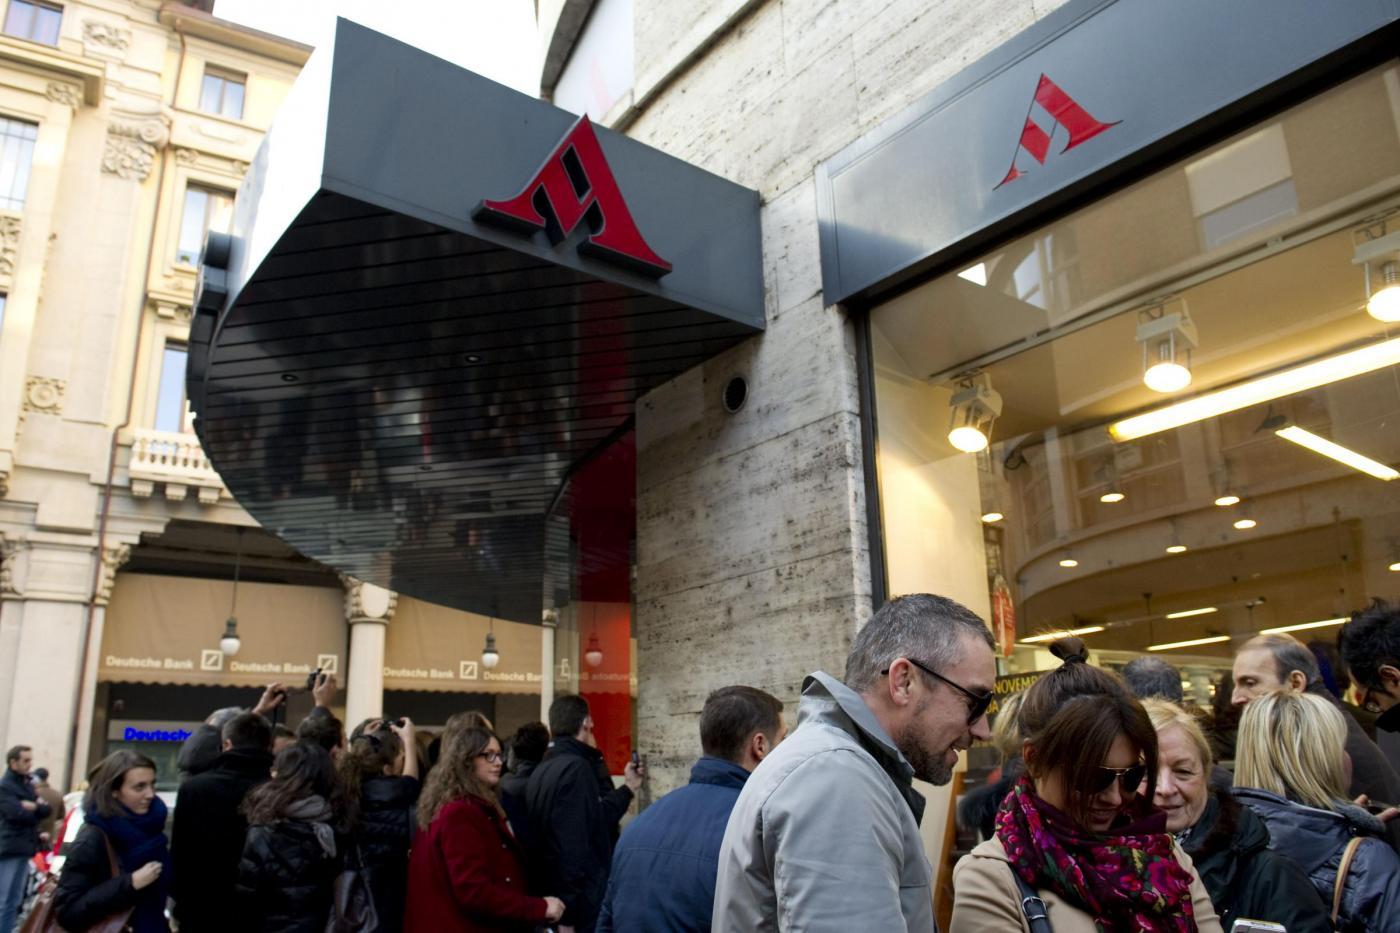 Zucchero Fornaciari incontra i fans presso la libreria Mondadori di Torino